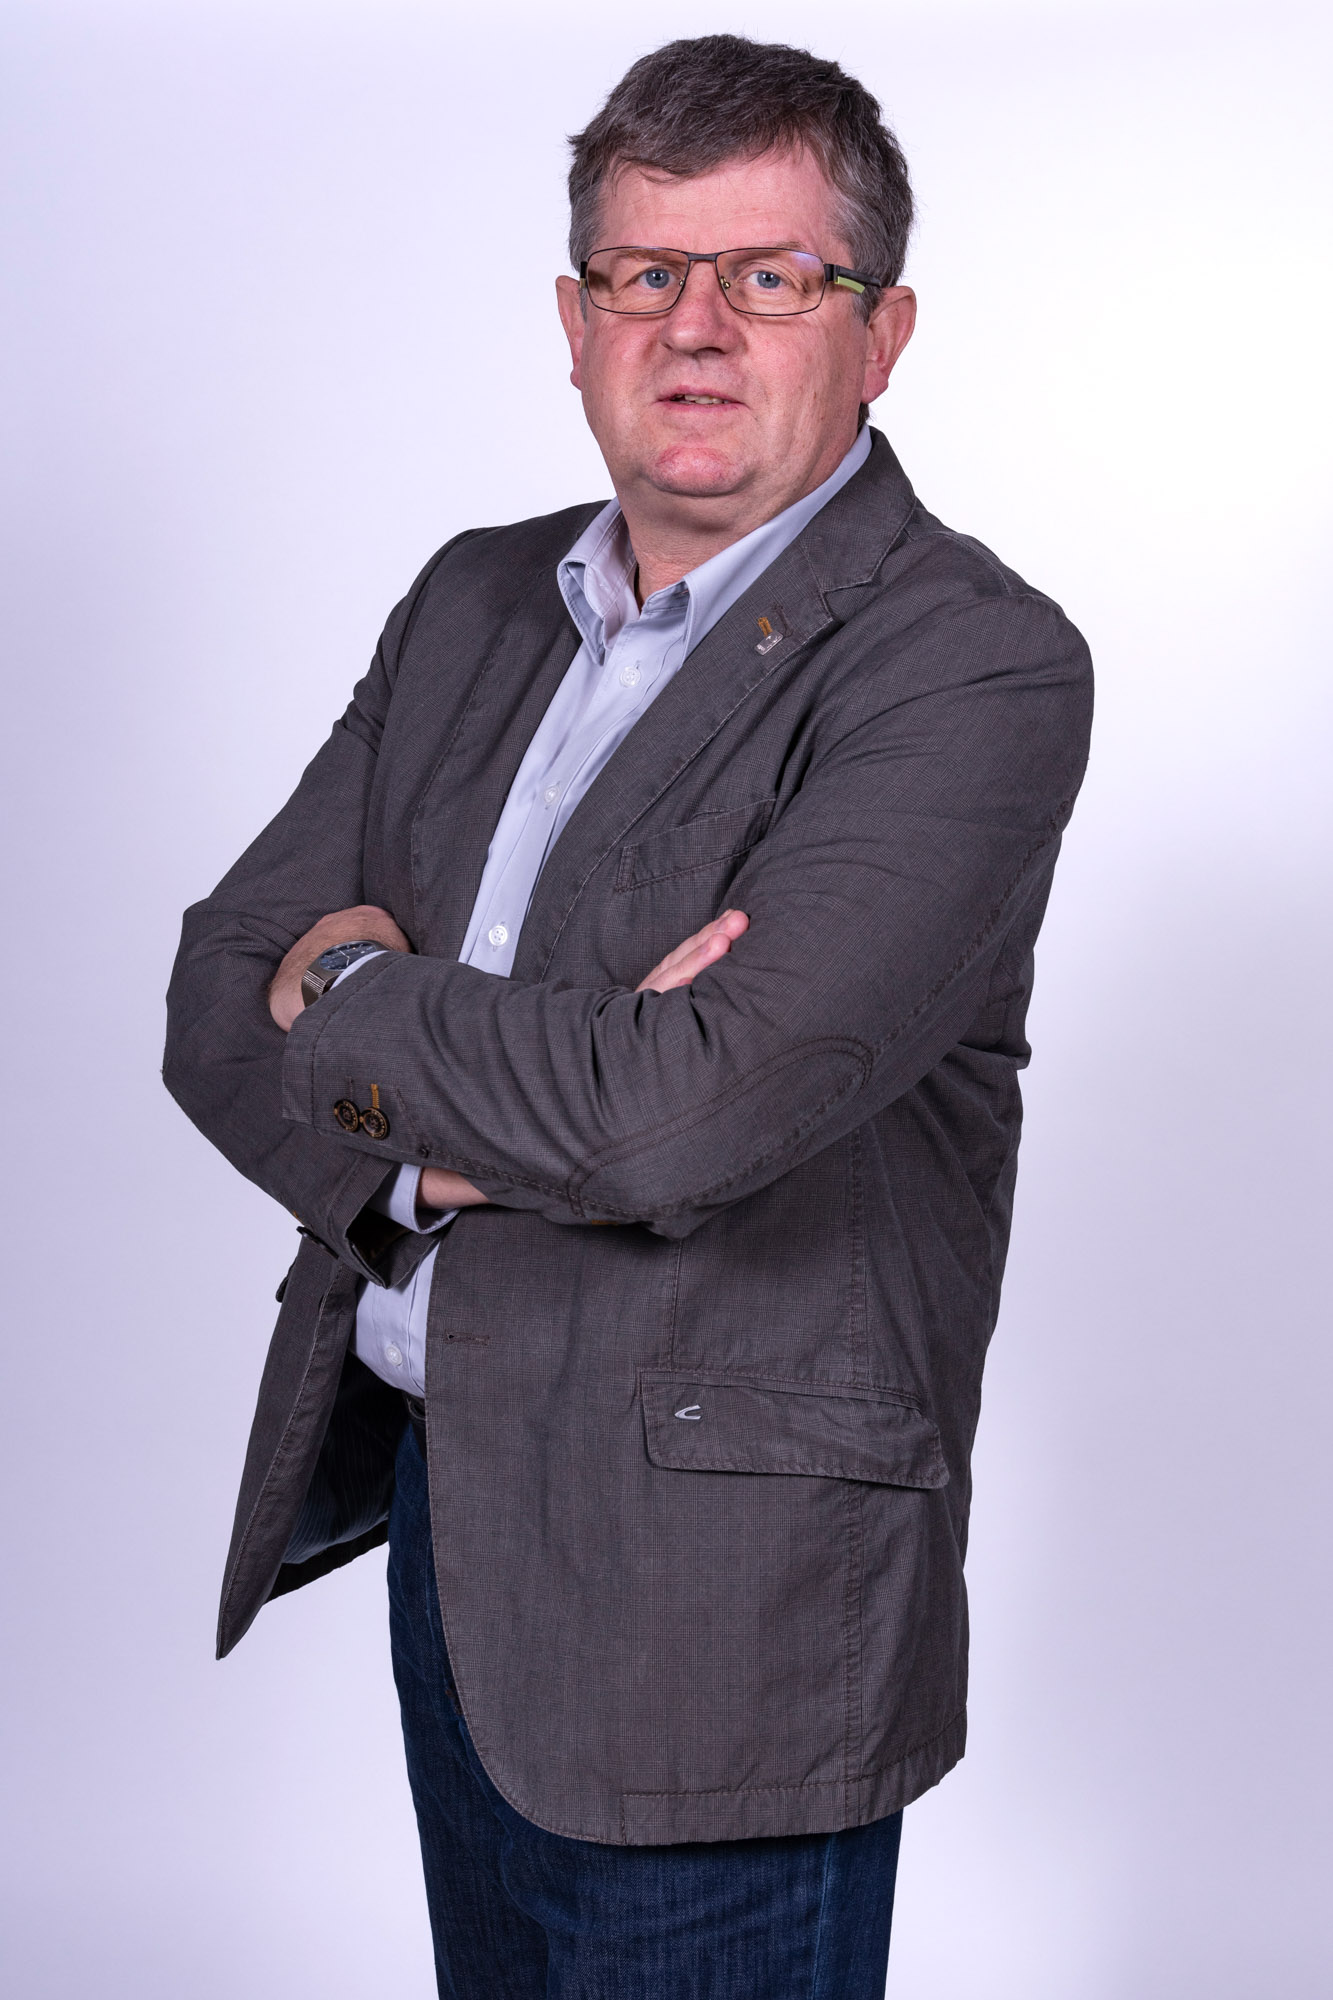 Olaf Böhmer